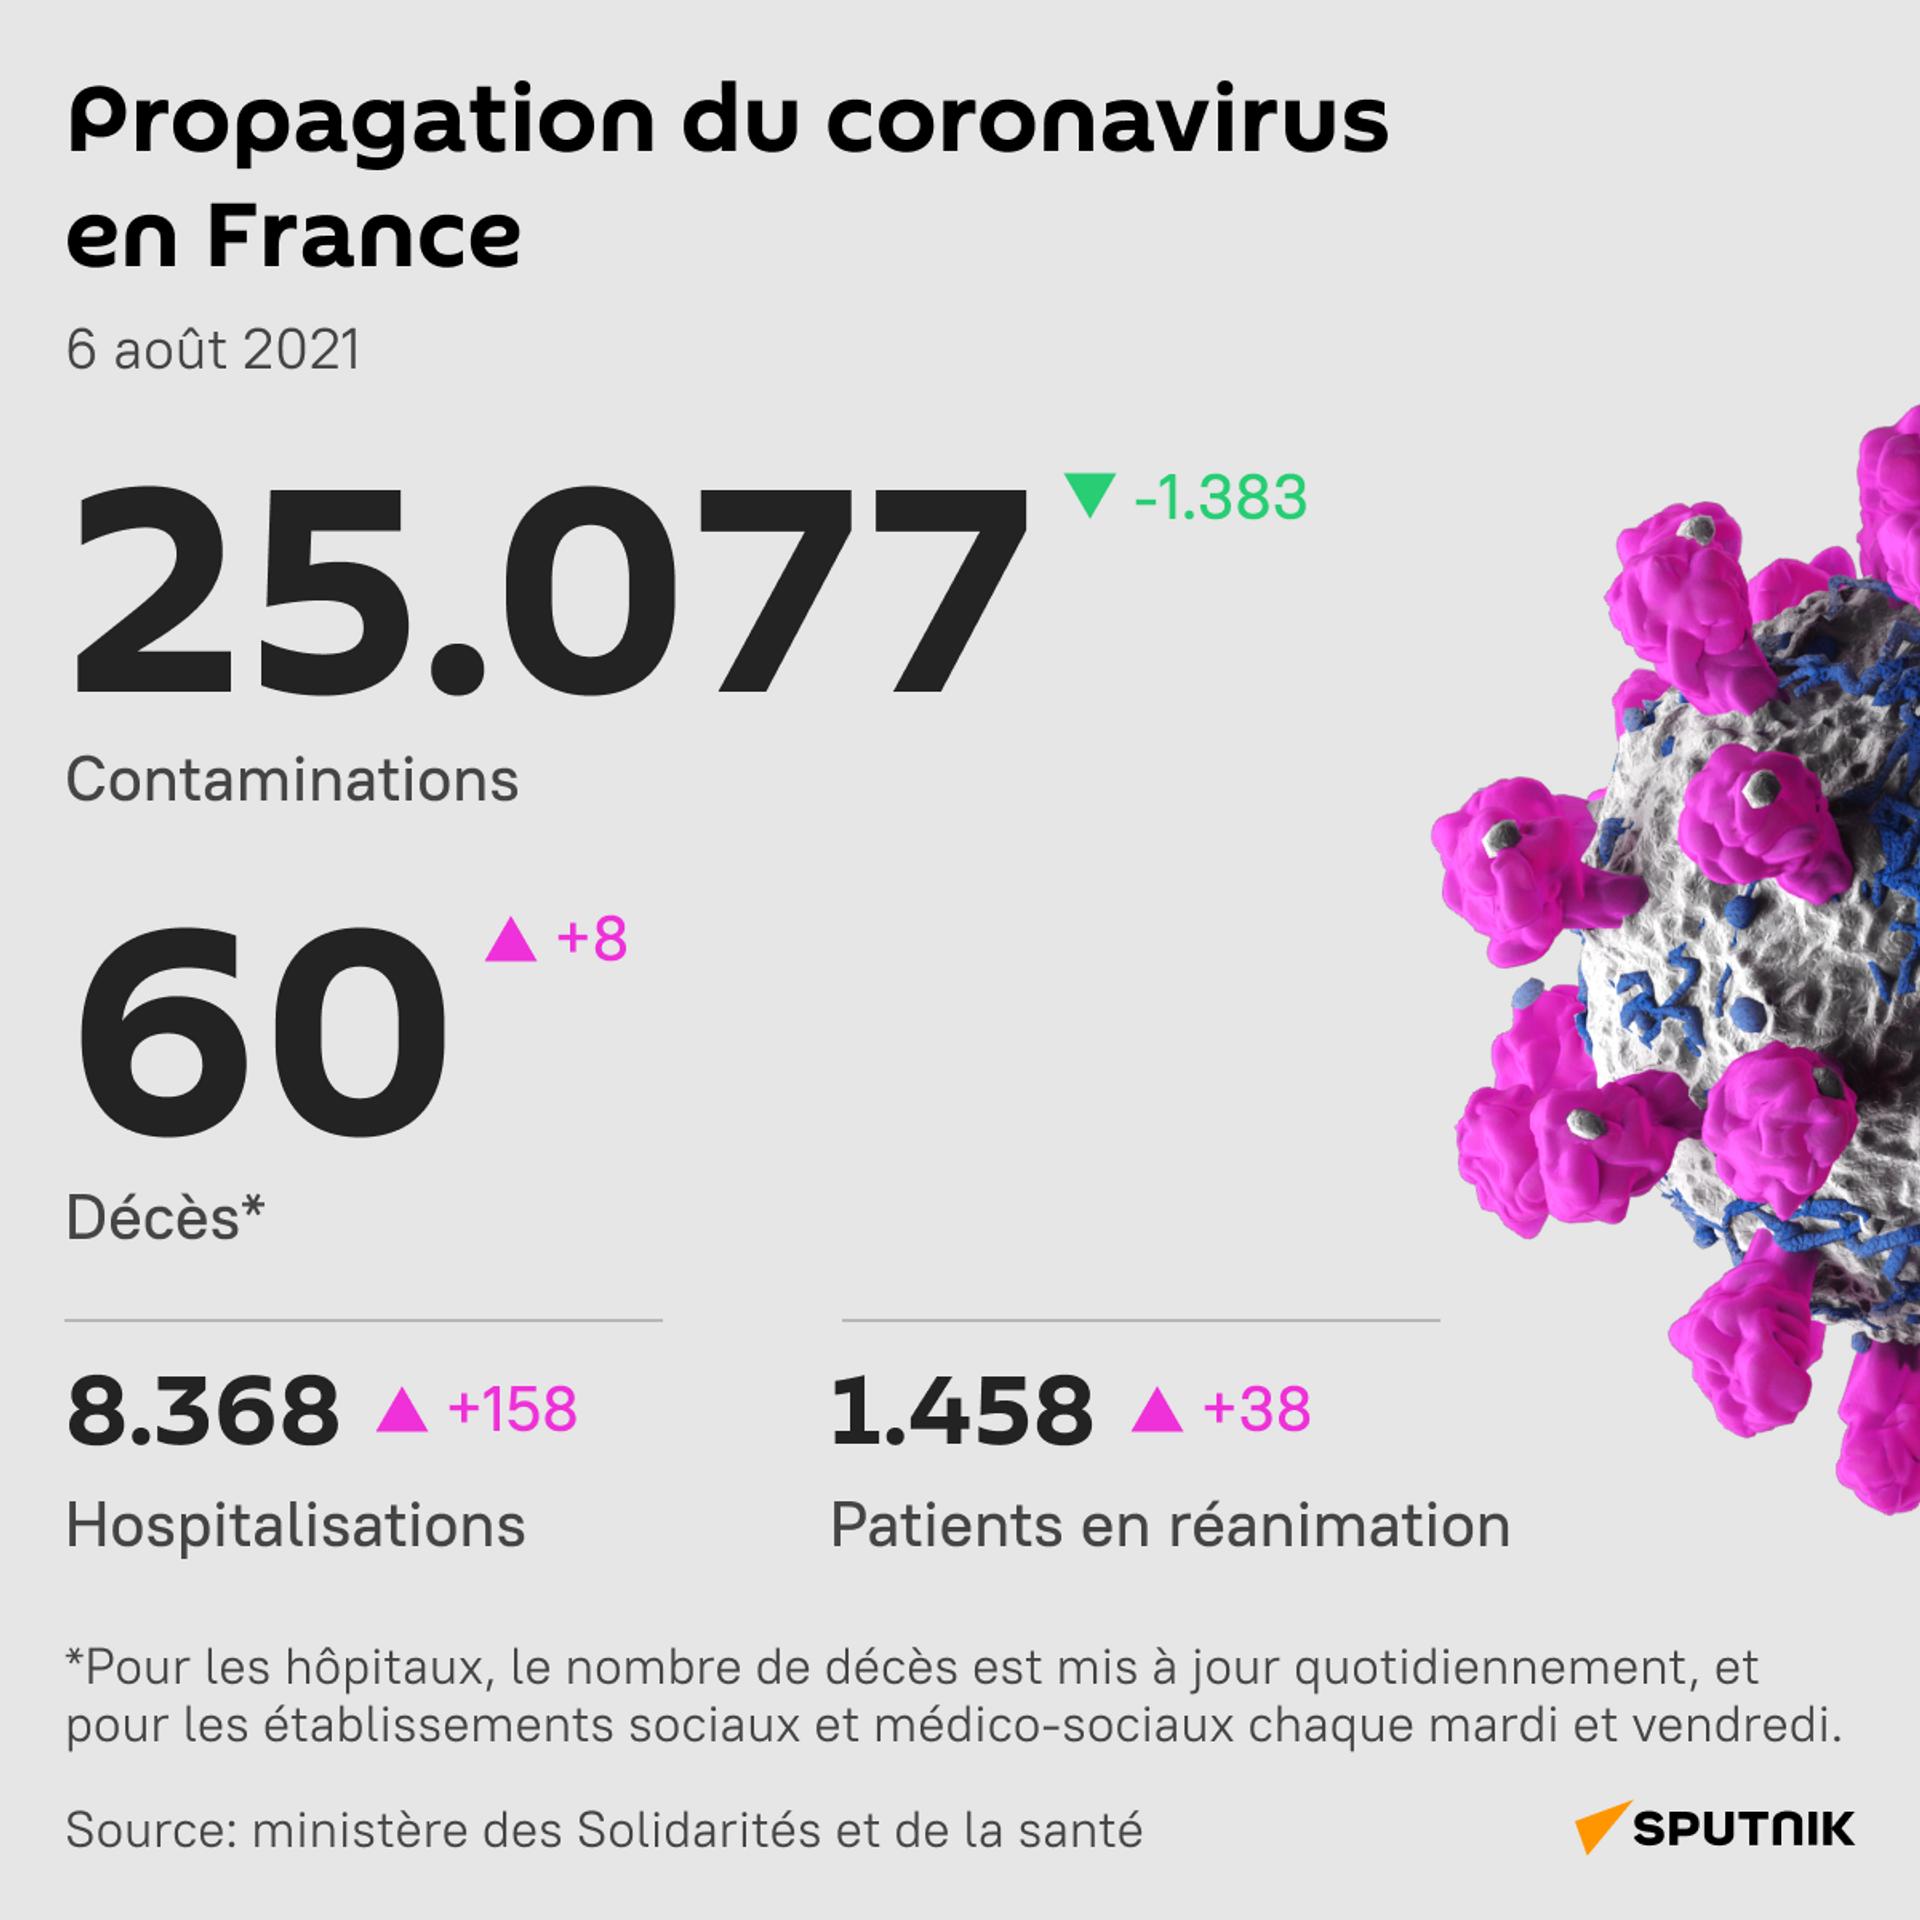 Propagation du coronavirus en France, 6 août 2021 - Sputnik France, 1920, 21.09.2021